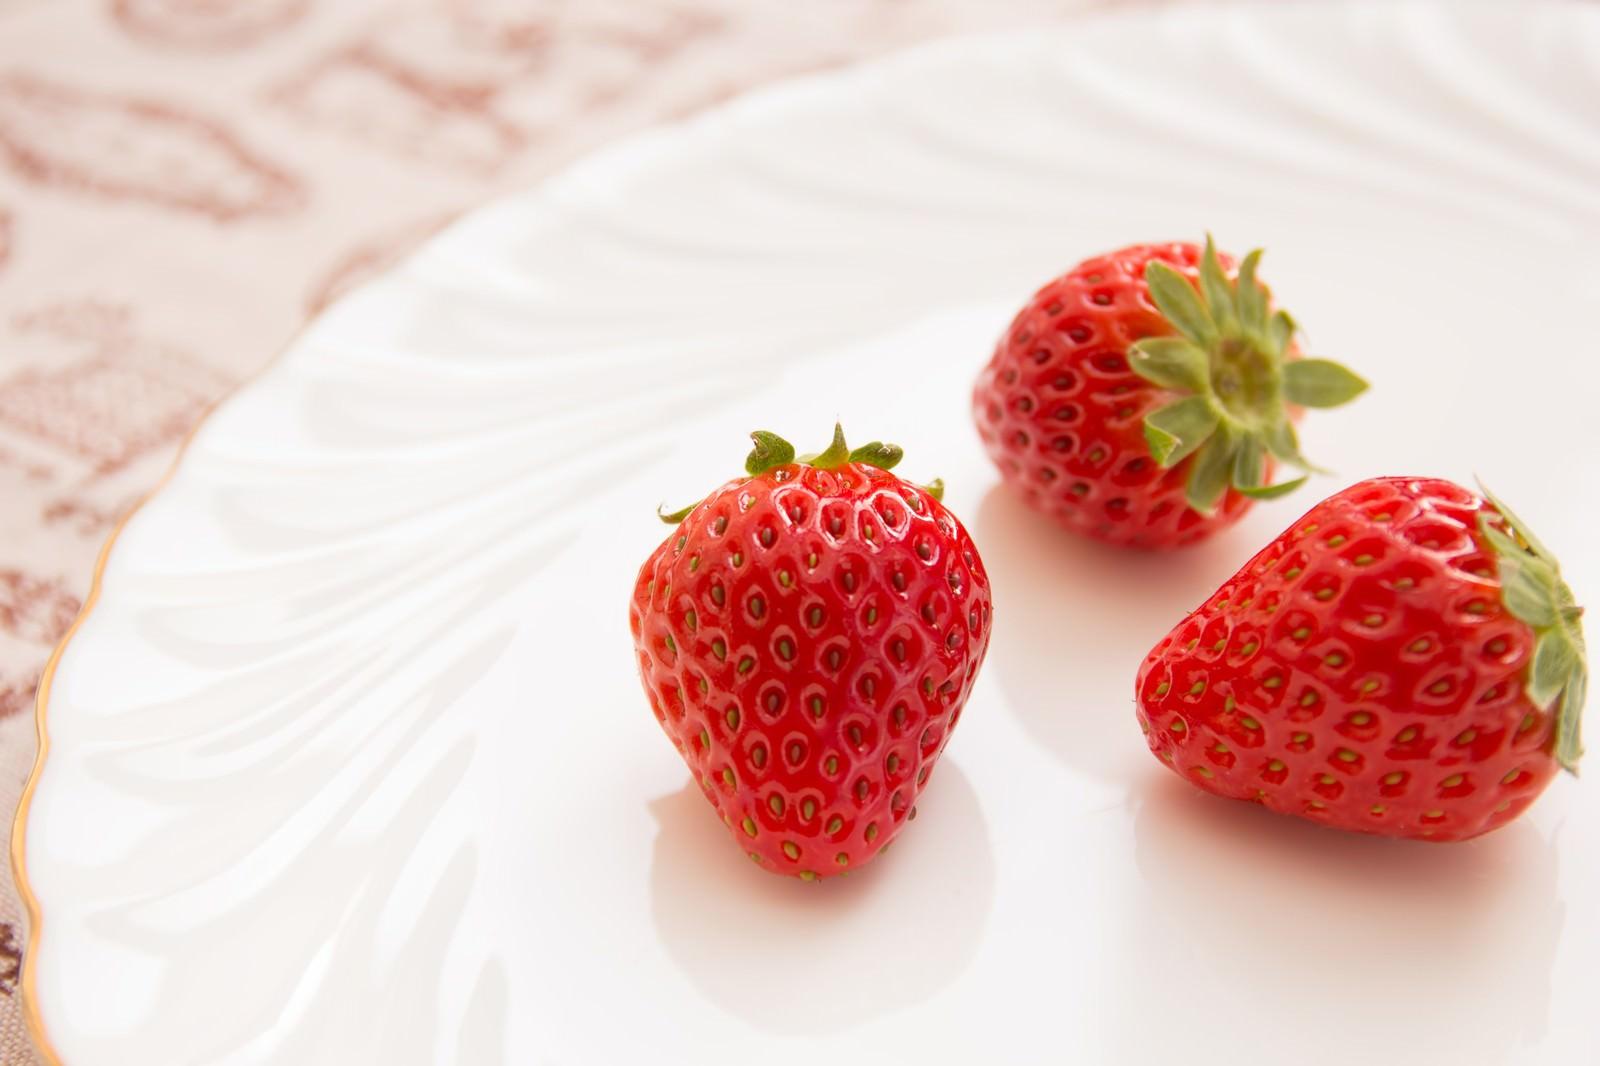 「白いお皿に苺3つ」の写真